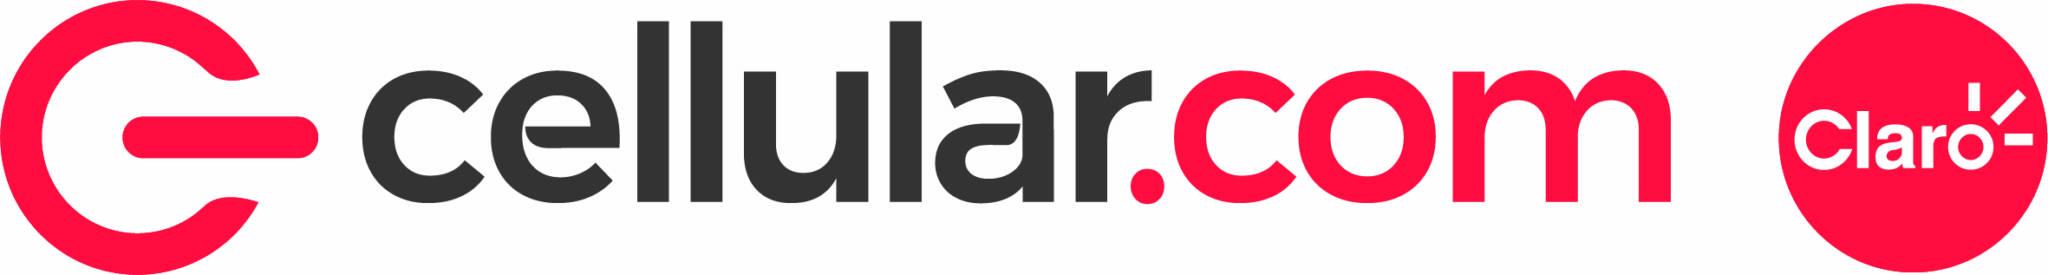 Cellular.com